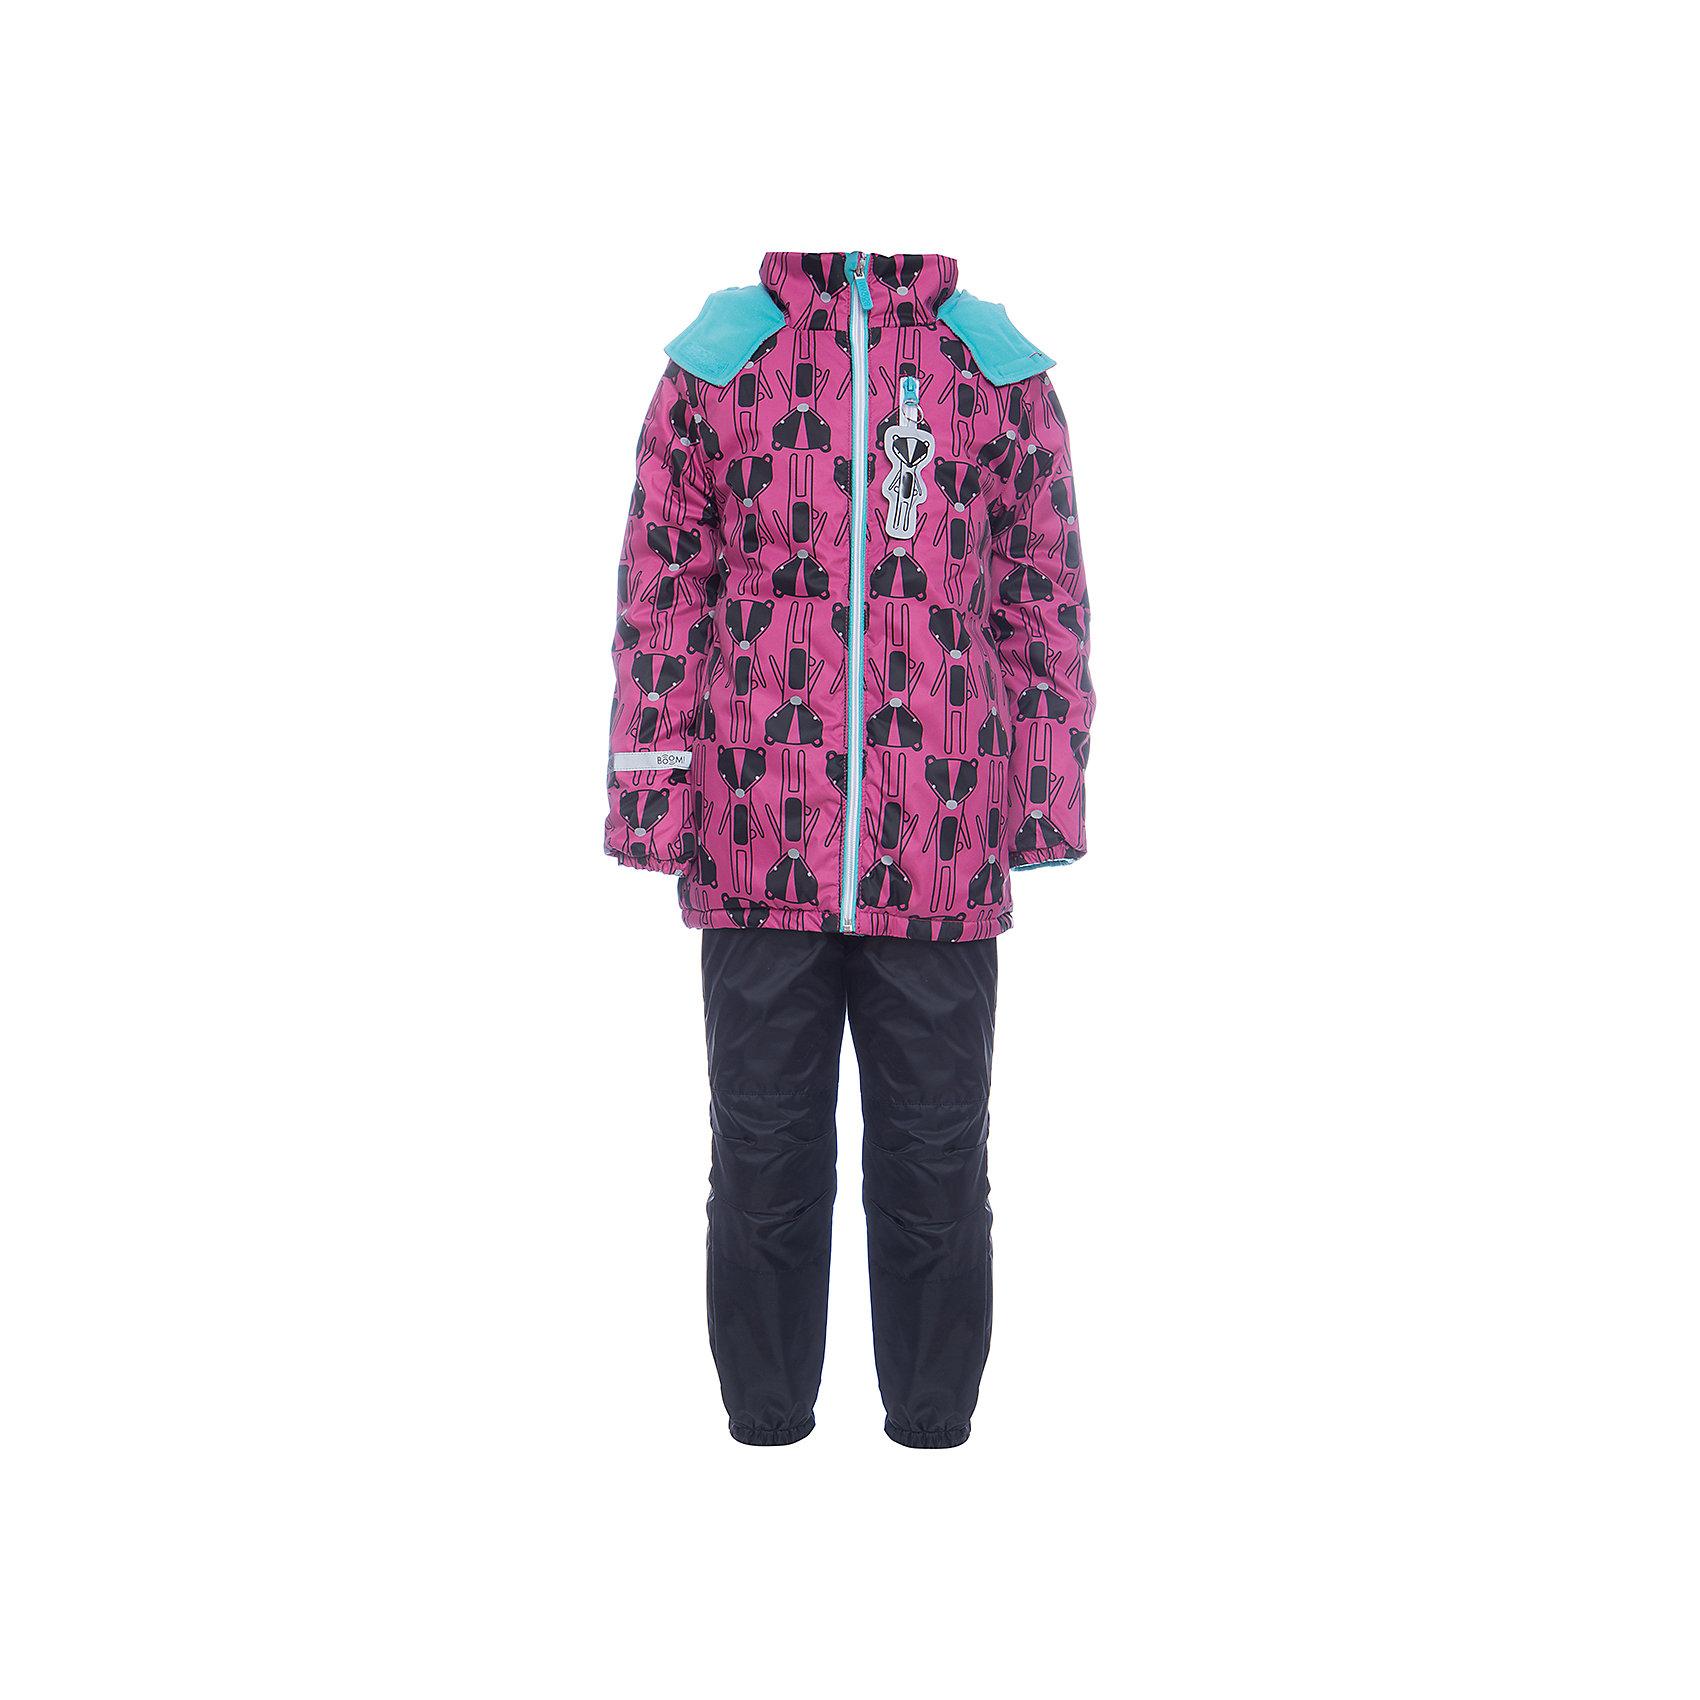 Комплект: куртка и брюки BOOM by Orby для девочкиВерхняя одежда<br>Характеристики товара:<br><br>• цвет: розовый<br>• ткань верха: Нейлон с мембранным покрытием 3000х3000<br>• подкладка: куртка - поларфлис; брюки - поларфлис; ПЭ пуходержащий<br>• утеплитель: куртка - FiberSoft 150 г/м2<br>• сезон: демисезон<br>• температурный режим: от 0°до +15°С<br>• особенности куртки: на молнии, швы проклеены, со светоотражающими элементами<br>• особенности брюк: на резинке<br>• капюшон: без меха <br>• страна бренда: Россия<br>• страна изготовитель: Россия<br><br>Демисезонный комплект для девочки состоит из куртки с капюшоном и удобных брюк. Мембранное покрытие делает его подходящим для сырой и холодной погоды. Модный и удобный комплект создан специально для девочек. <br><br>Комплект: куртка и брюки BOOM by Orby для девочки можно купить в нашем интернет-магазине.<br><br>Ширина мм: 356<br>Глубина мм: 10<br>Высота мм: 245<br>Вес г: 519<br>Цвет: розовый<br>Возраст от месяцев: 72<br>Возраст до месяцев: 84<br>Пол: Женский<br>Возраст: Детский<br>Размер: 122,104,86,92,98,110,116<br>SKU: 7007038